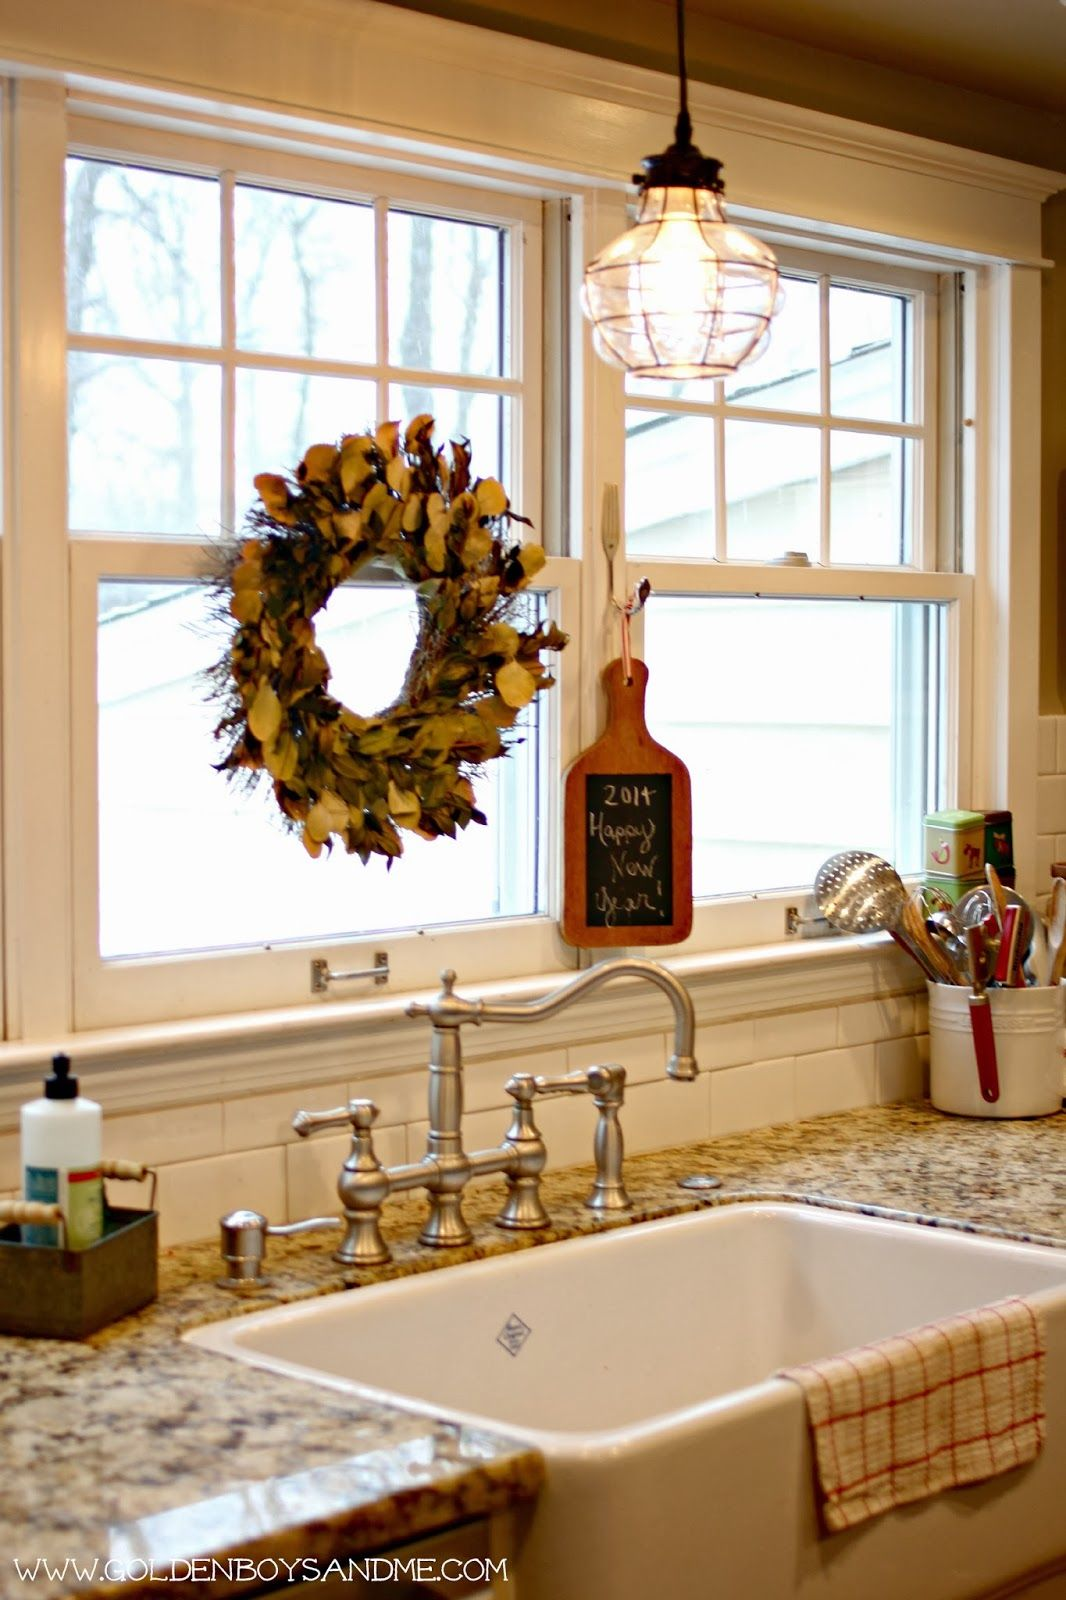 Winter In Our Kitchen Kitchen Sink Lighting Sink Lights Kitchen Sink Window Wall mounted light over kitchen sink